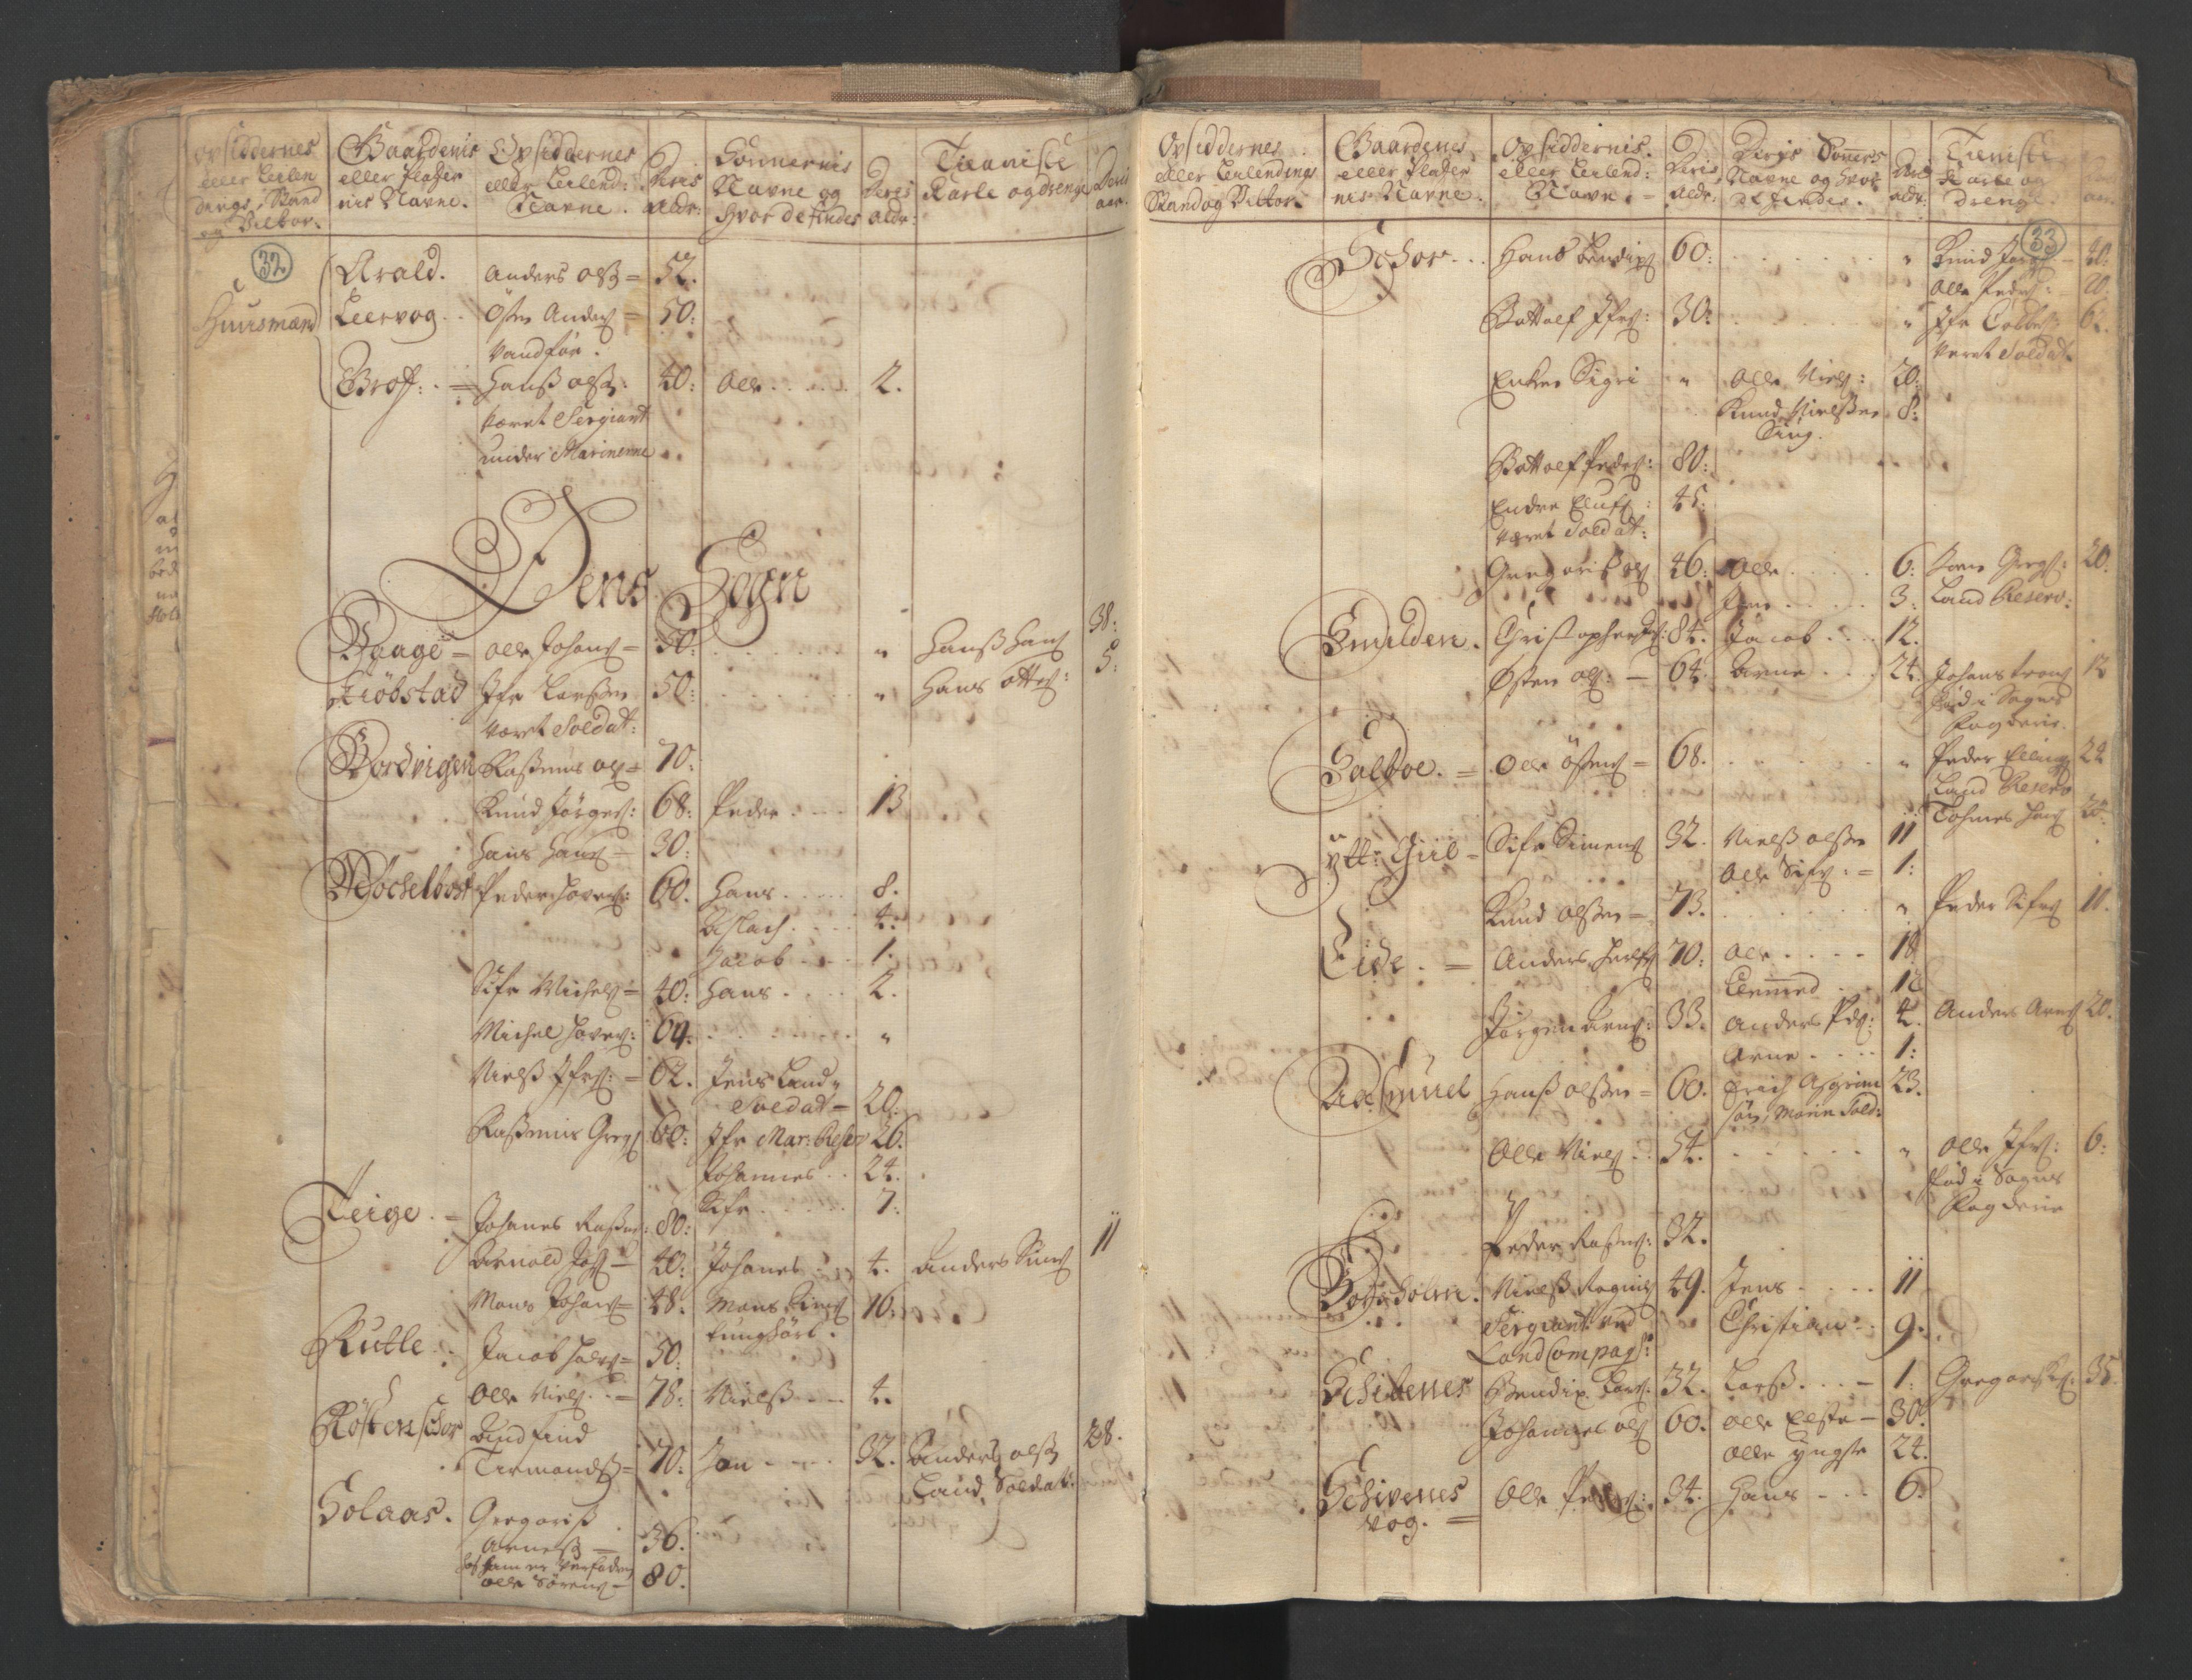 RA, Manntallet 1701, nr. 9: Sunnfjord fogderi, Nordfjord fogderi og Svanø birk, 1701, s. 32-33